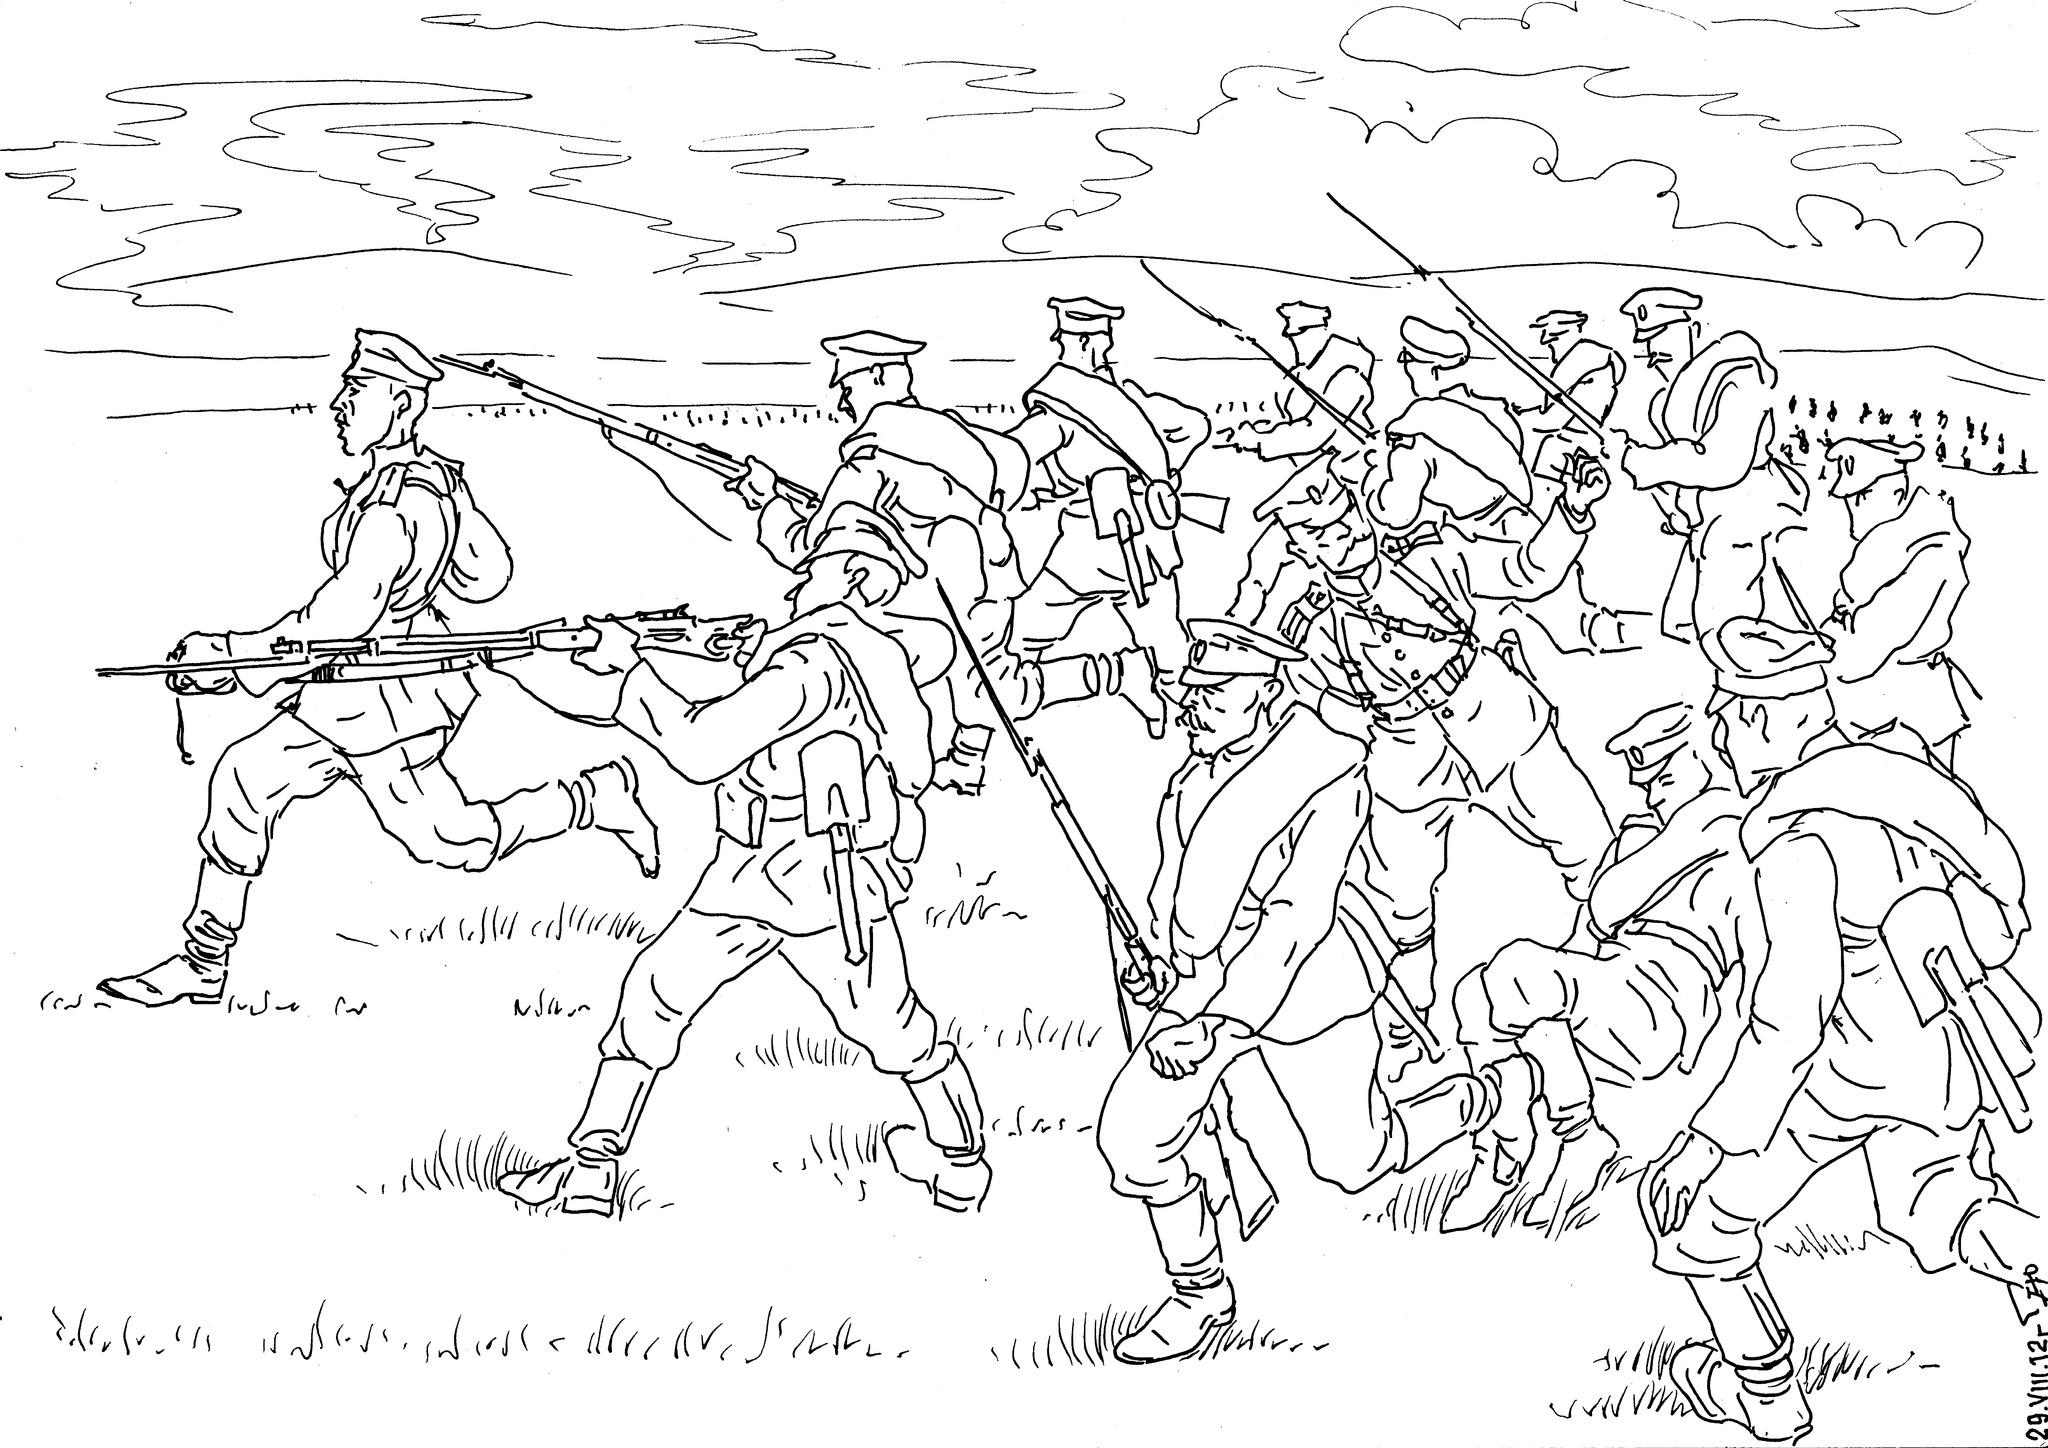 В Первую Мировую войну военнопленных было меньше, чем в Великую Отечественную